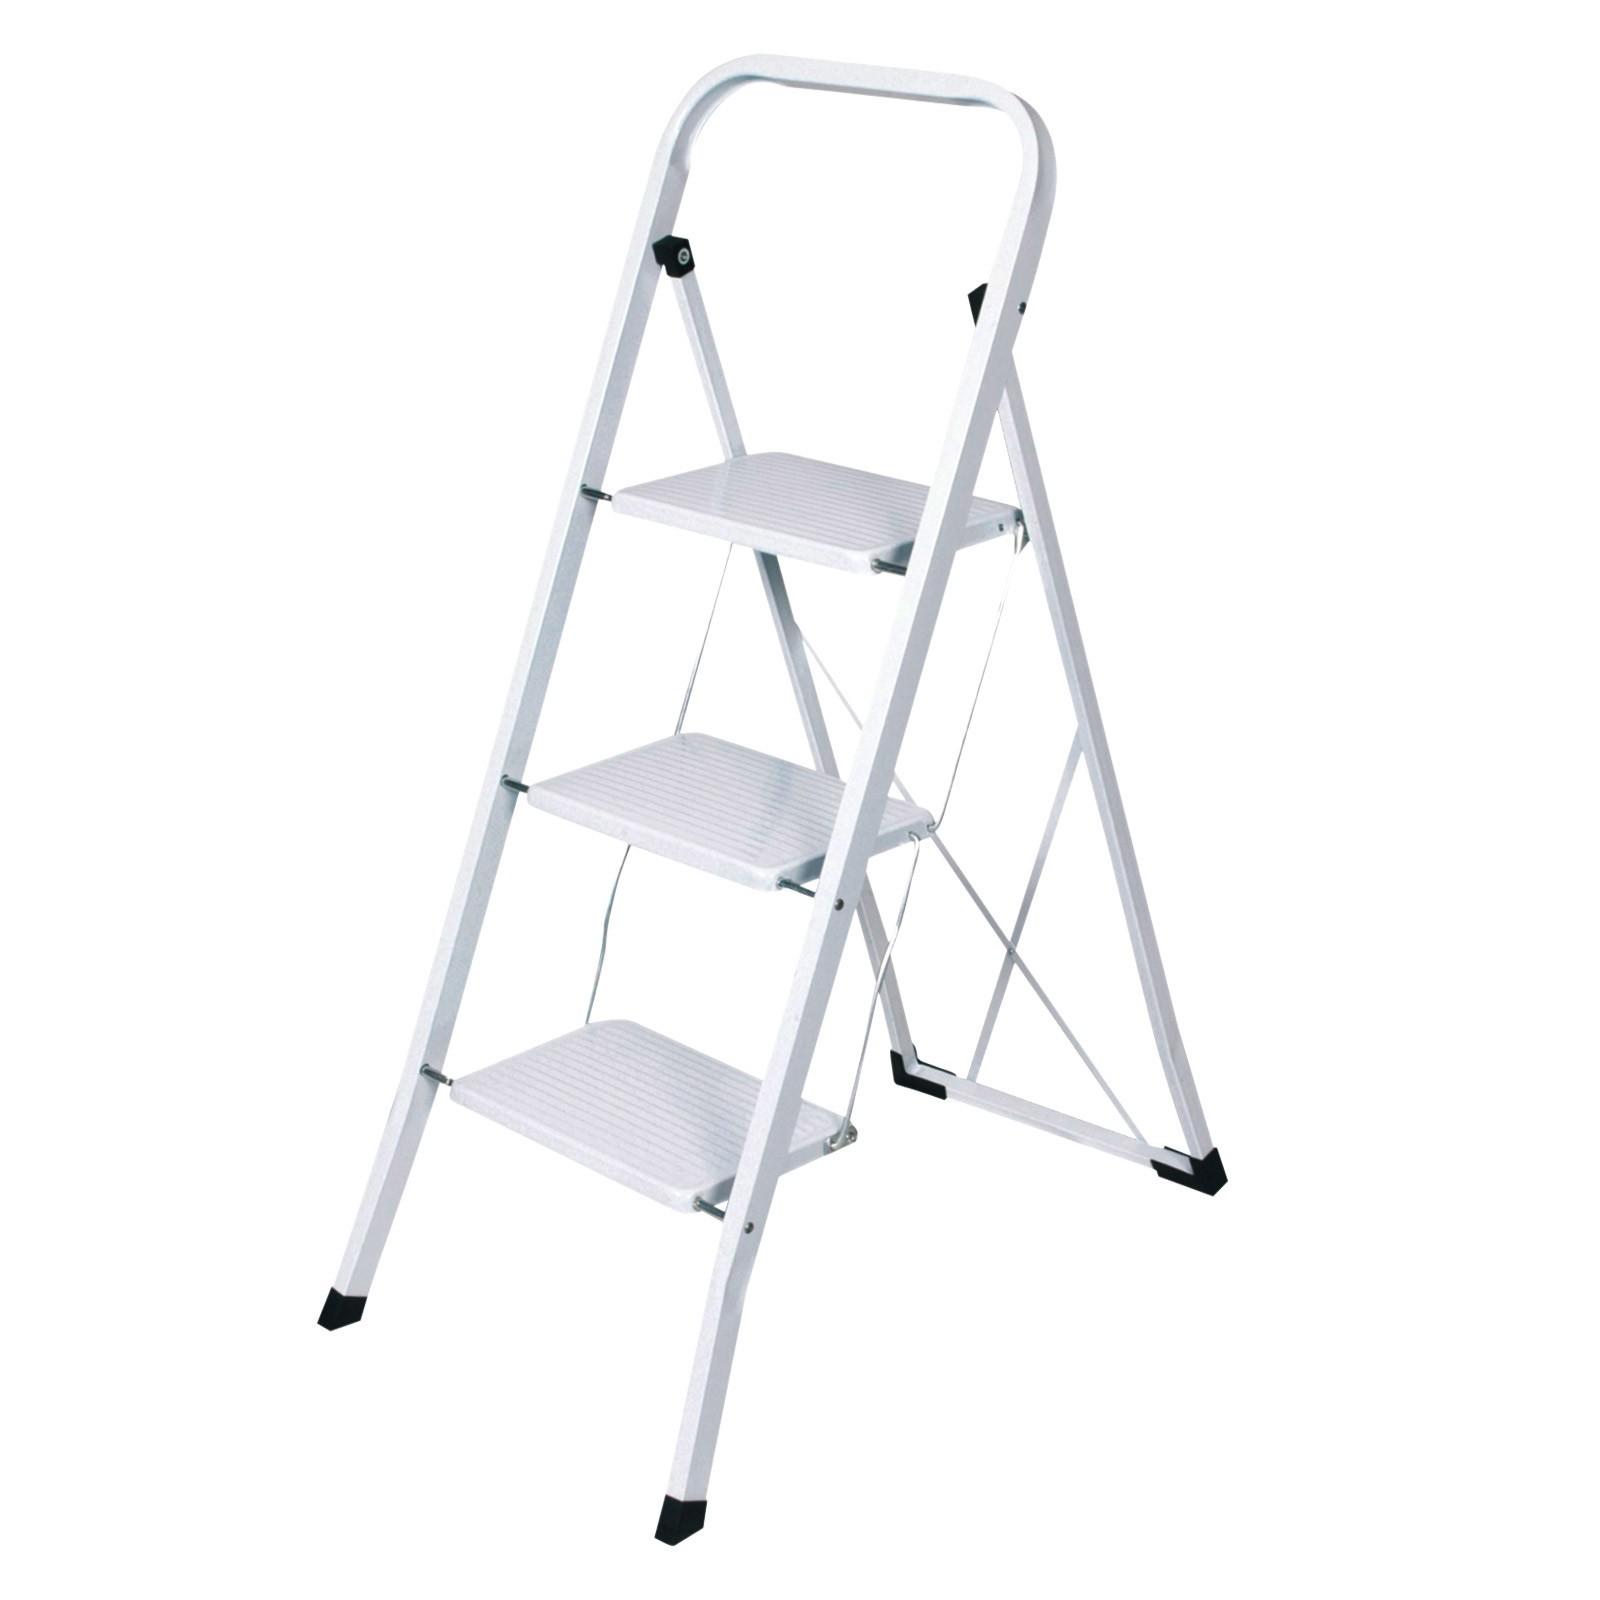 Fabulous Haushaltsleiter / Stehleiter 3 Stufen weiß lackiert JE74